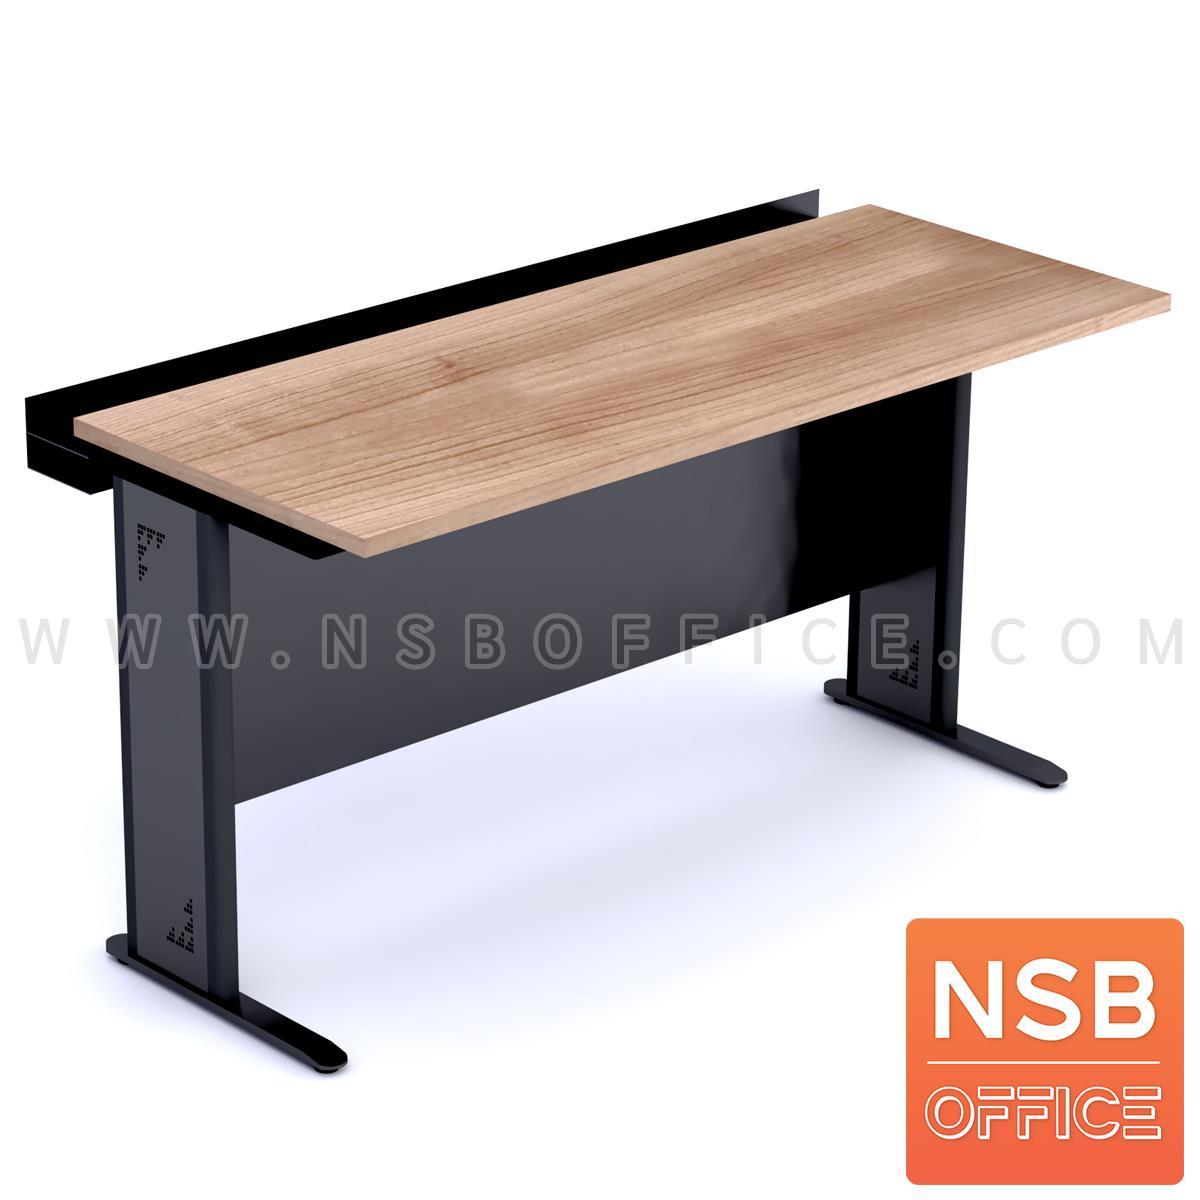 โต๊ะประชุมตรง  ขนาด 150W,180W,210W cm. พร้อมบังตาเหล็ก และที่วางจอ